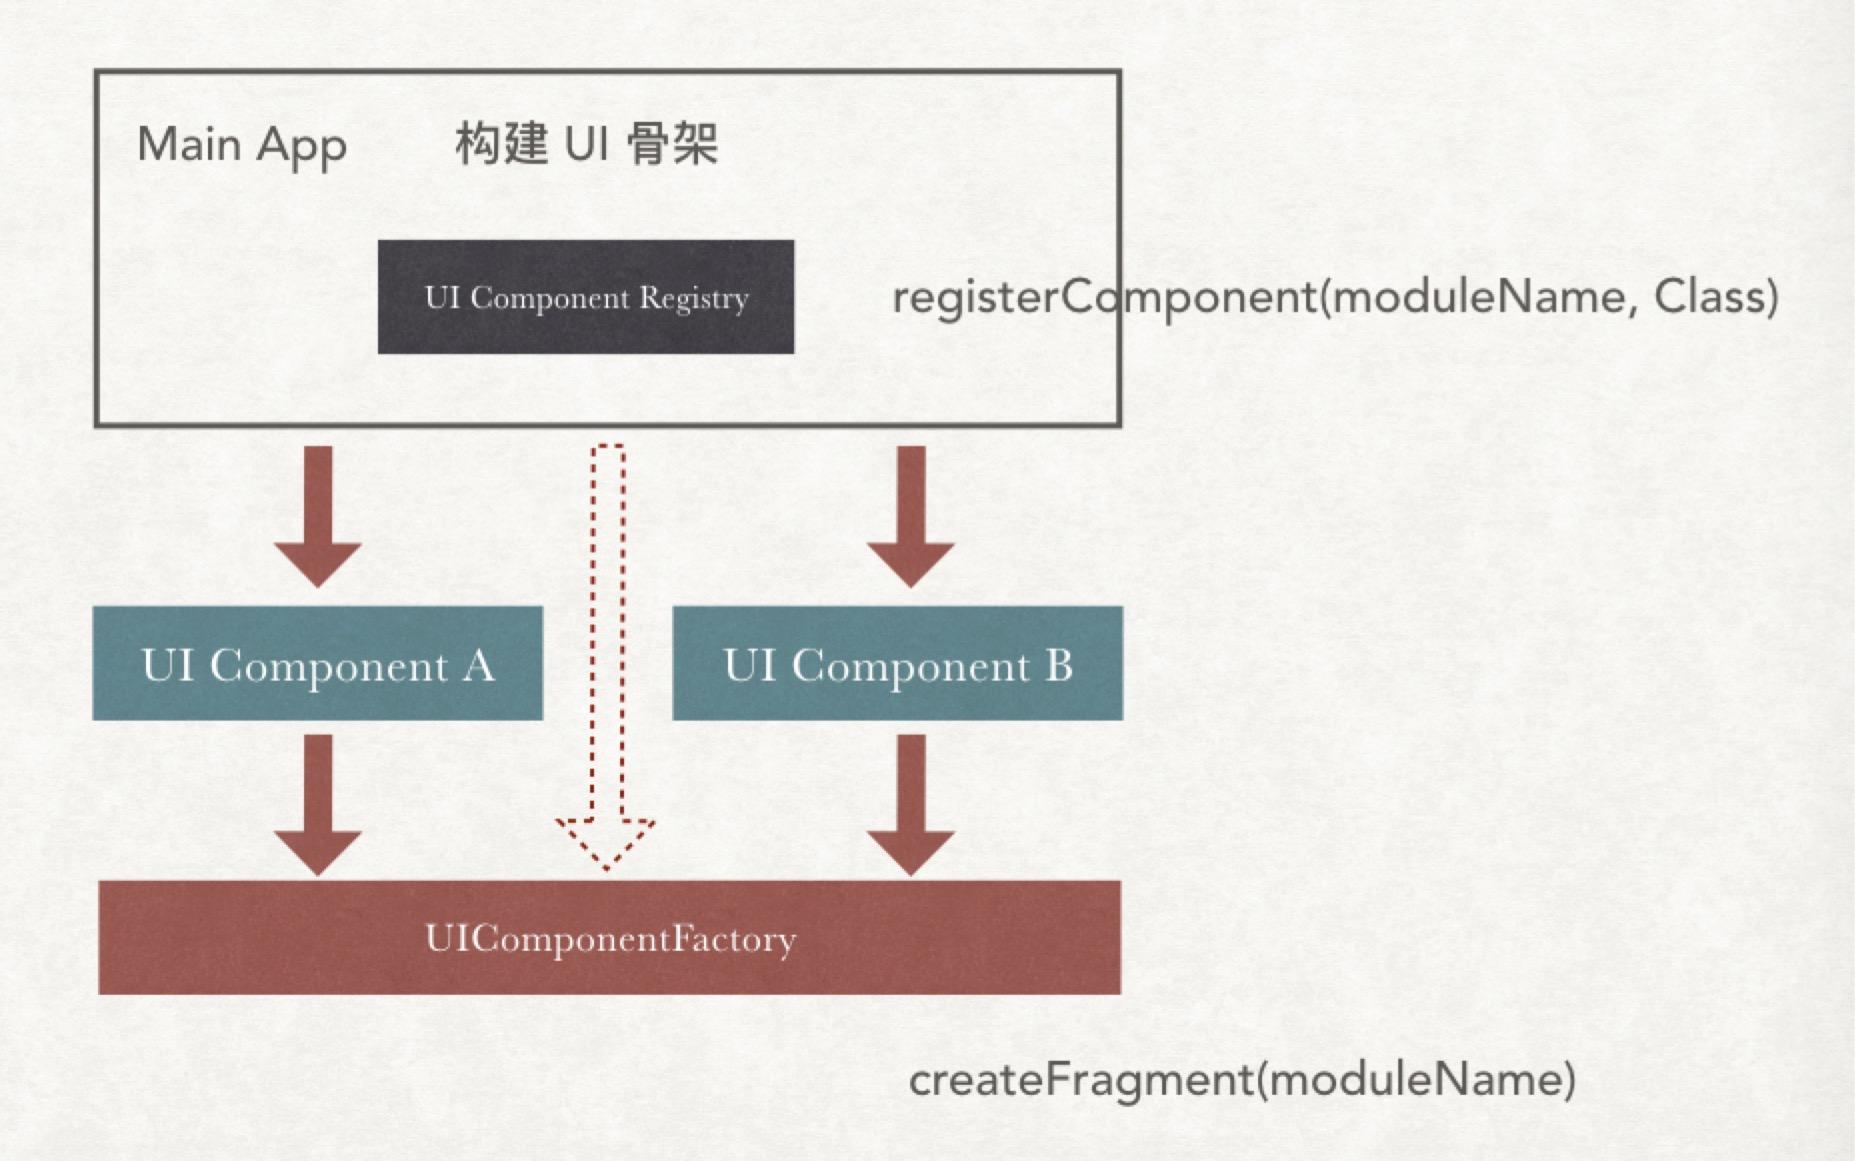 modularization-with-dagger-2021-10-15-01-44-22